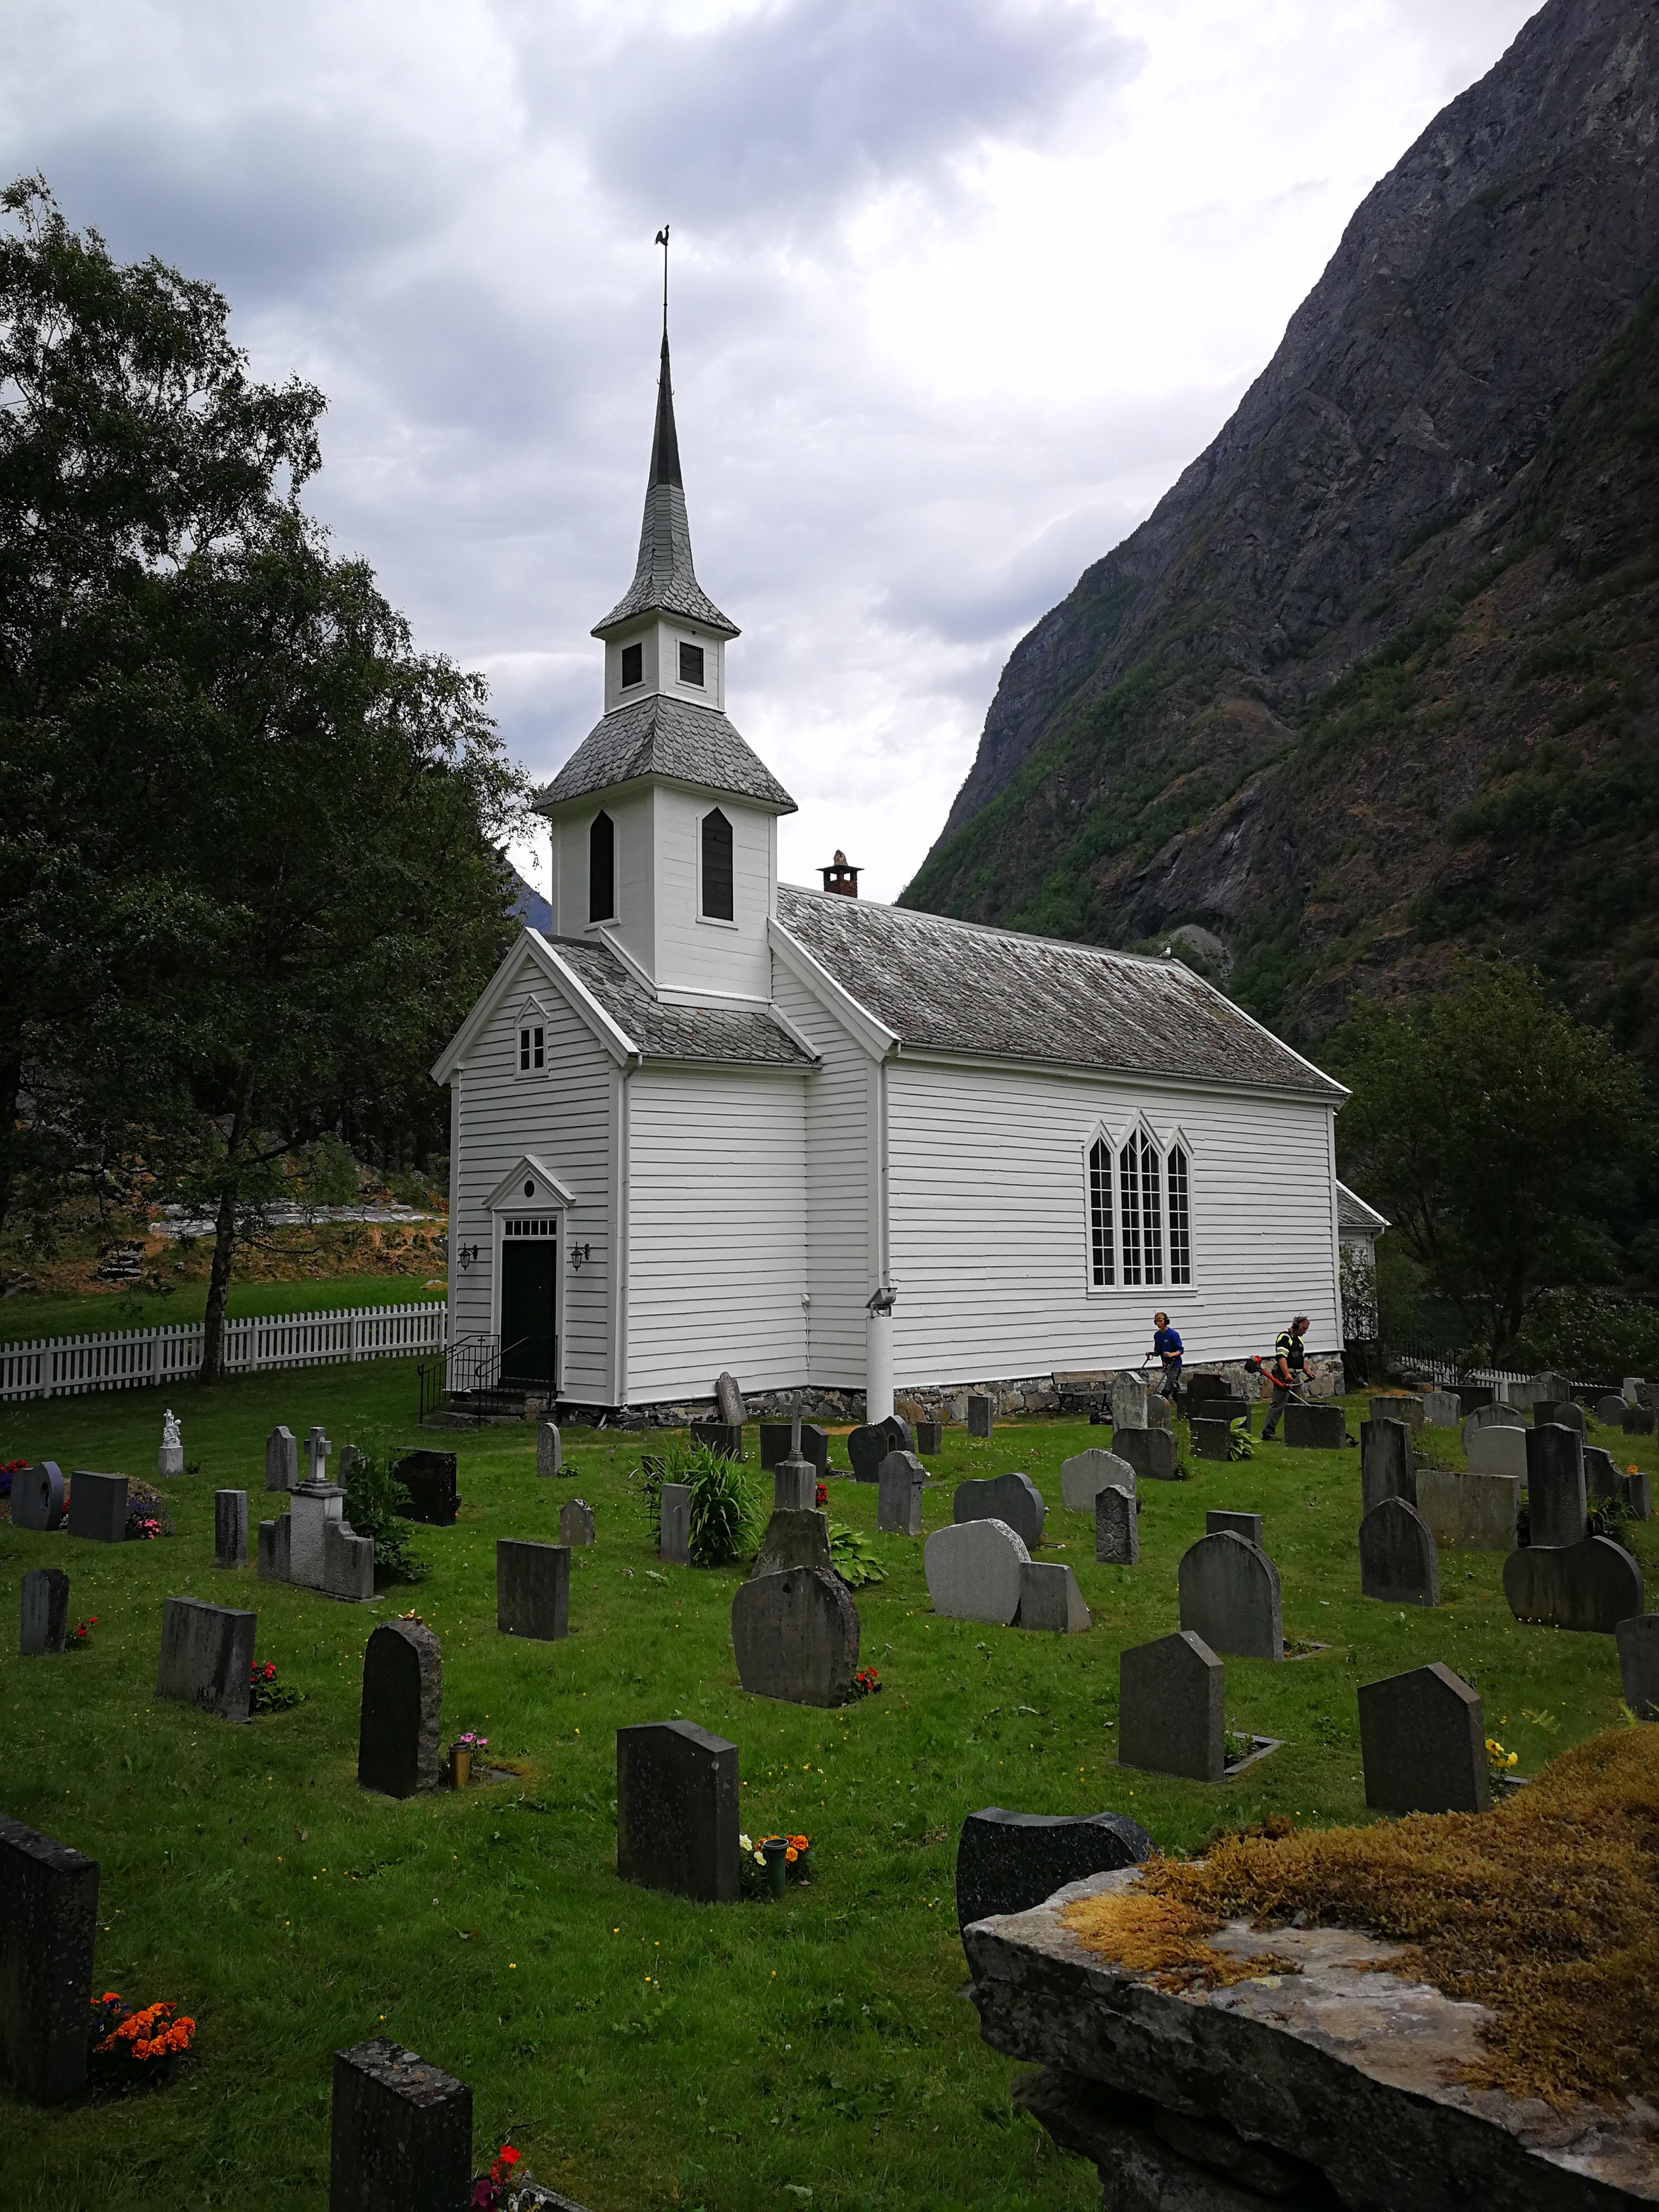 Kirche in Bakka, Norwegen von 1859 – Ausgangspunkt der Wanderung